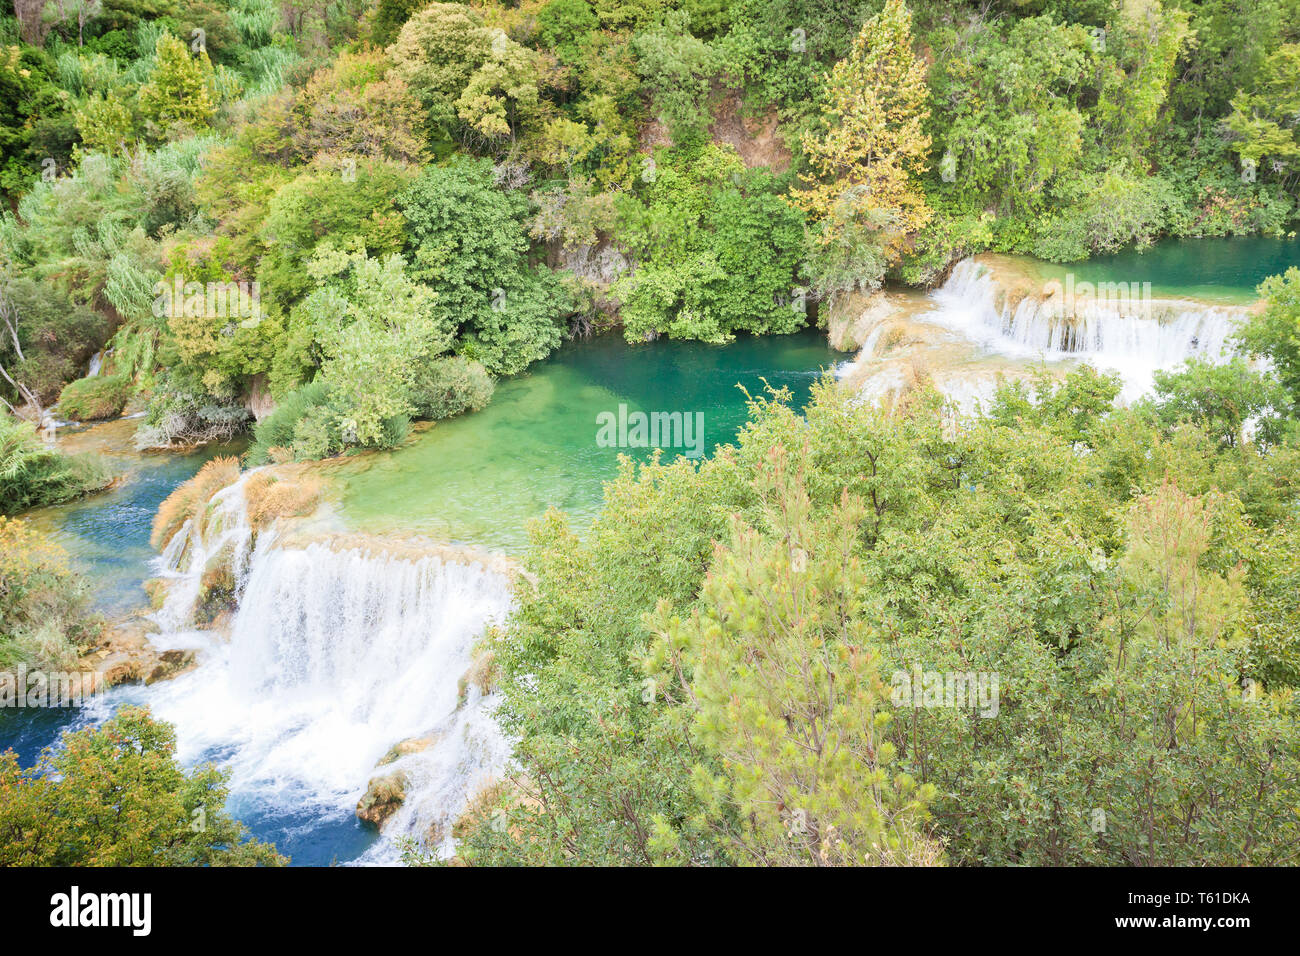 Krka, Sibenik, Kroatien, Europa - Besuch der berühmten Wasserfälle von Krka Stockfoto